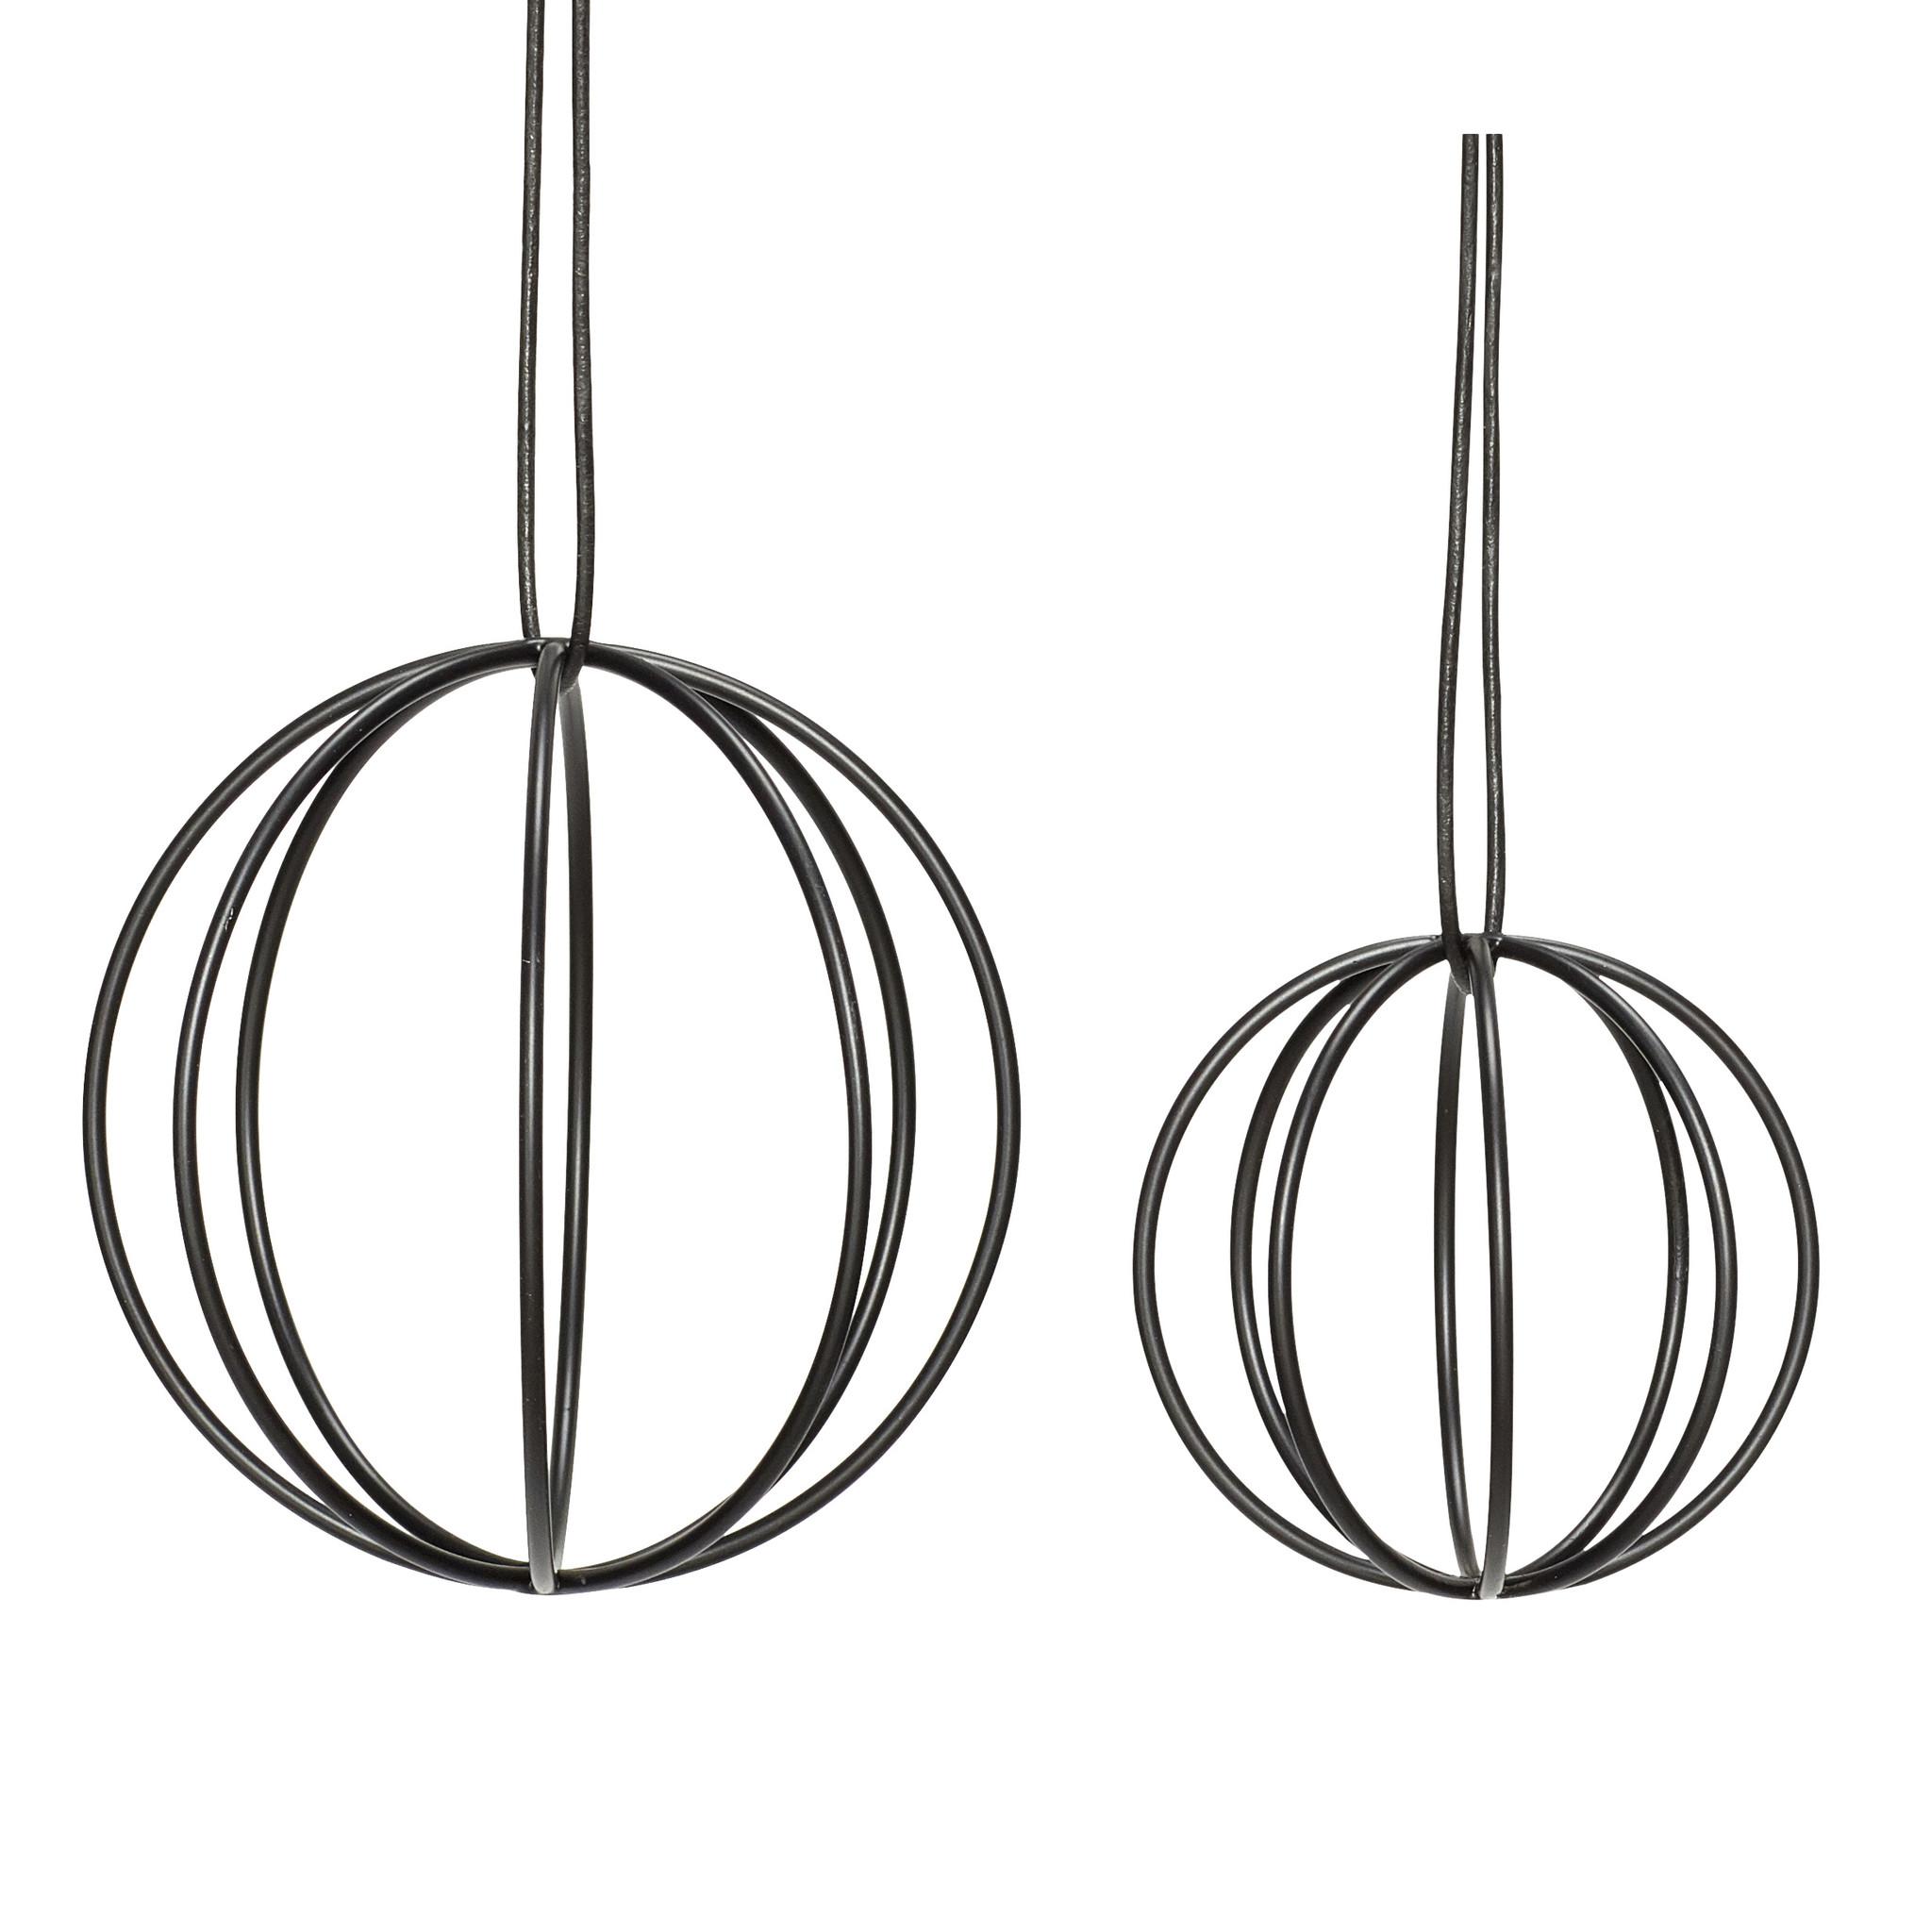 Hubsch Bal met draad, metaal, zwart, set van 2-940513-5712772062920